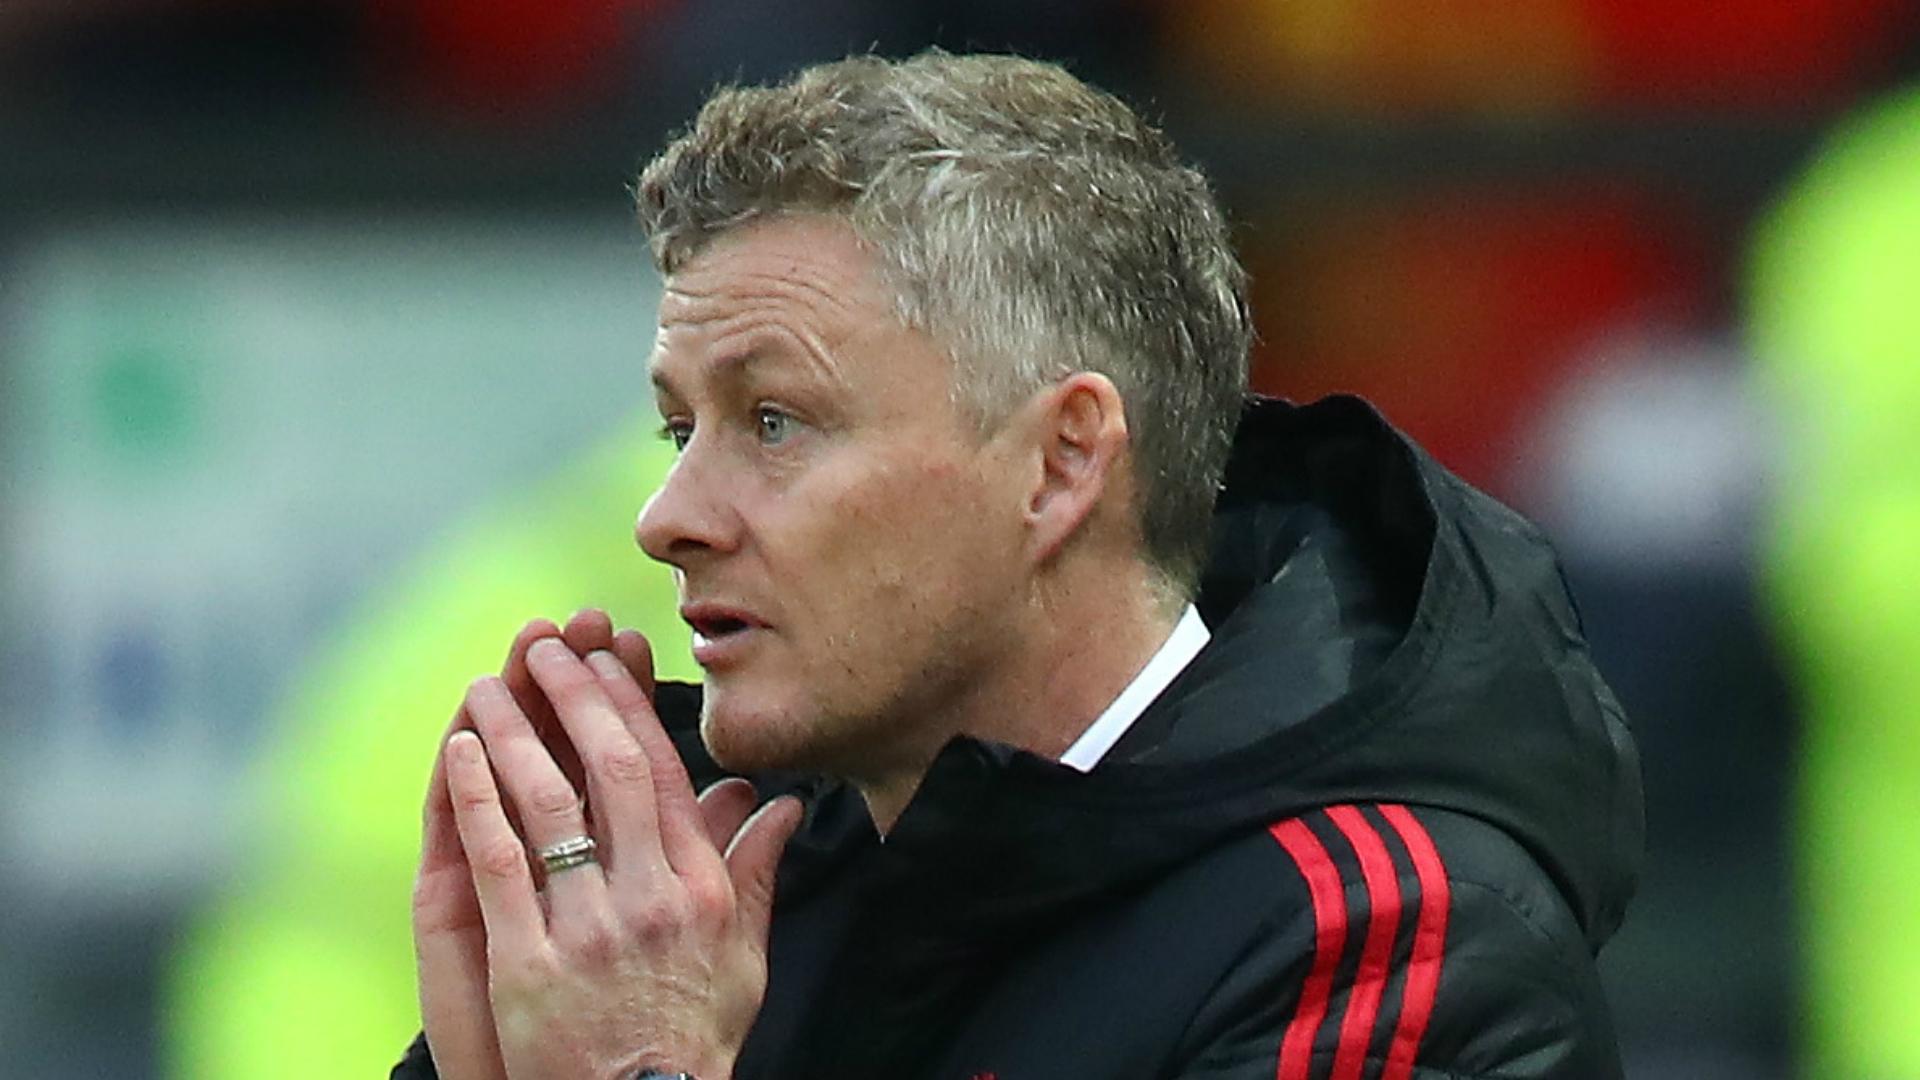 Giúp M.U thắng 4 trận liền, Solskjaer chốt luôn tương lai ở Old Trafford - Bóng Đá